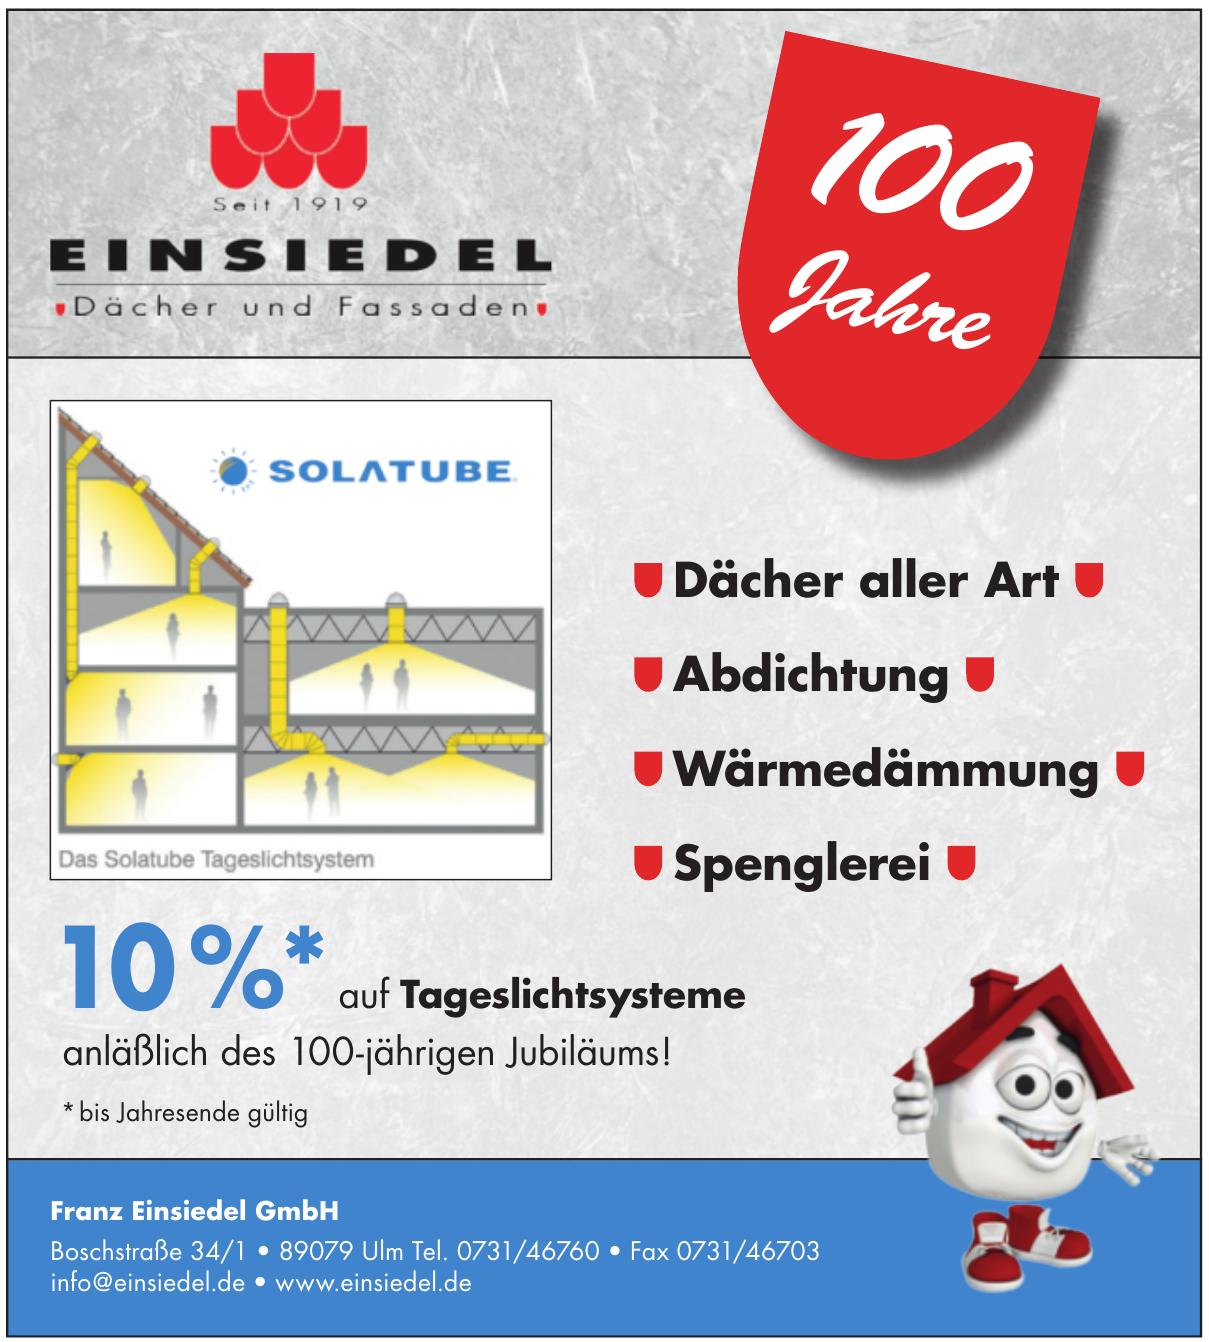 Einsiedel